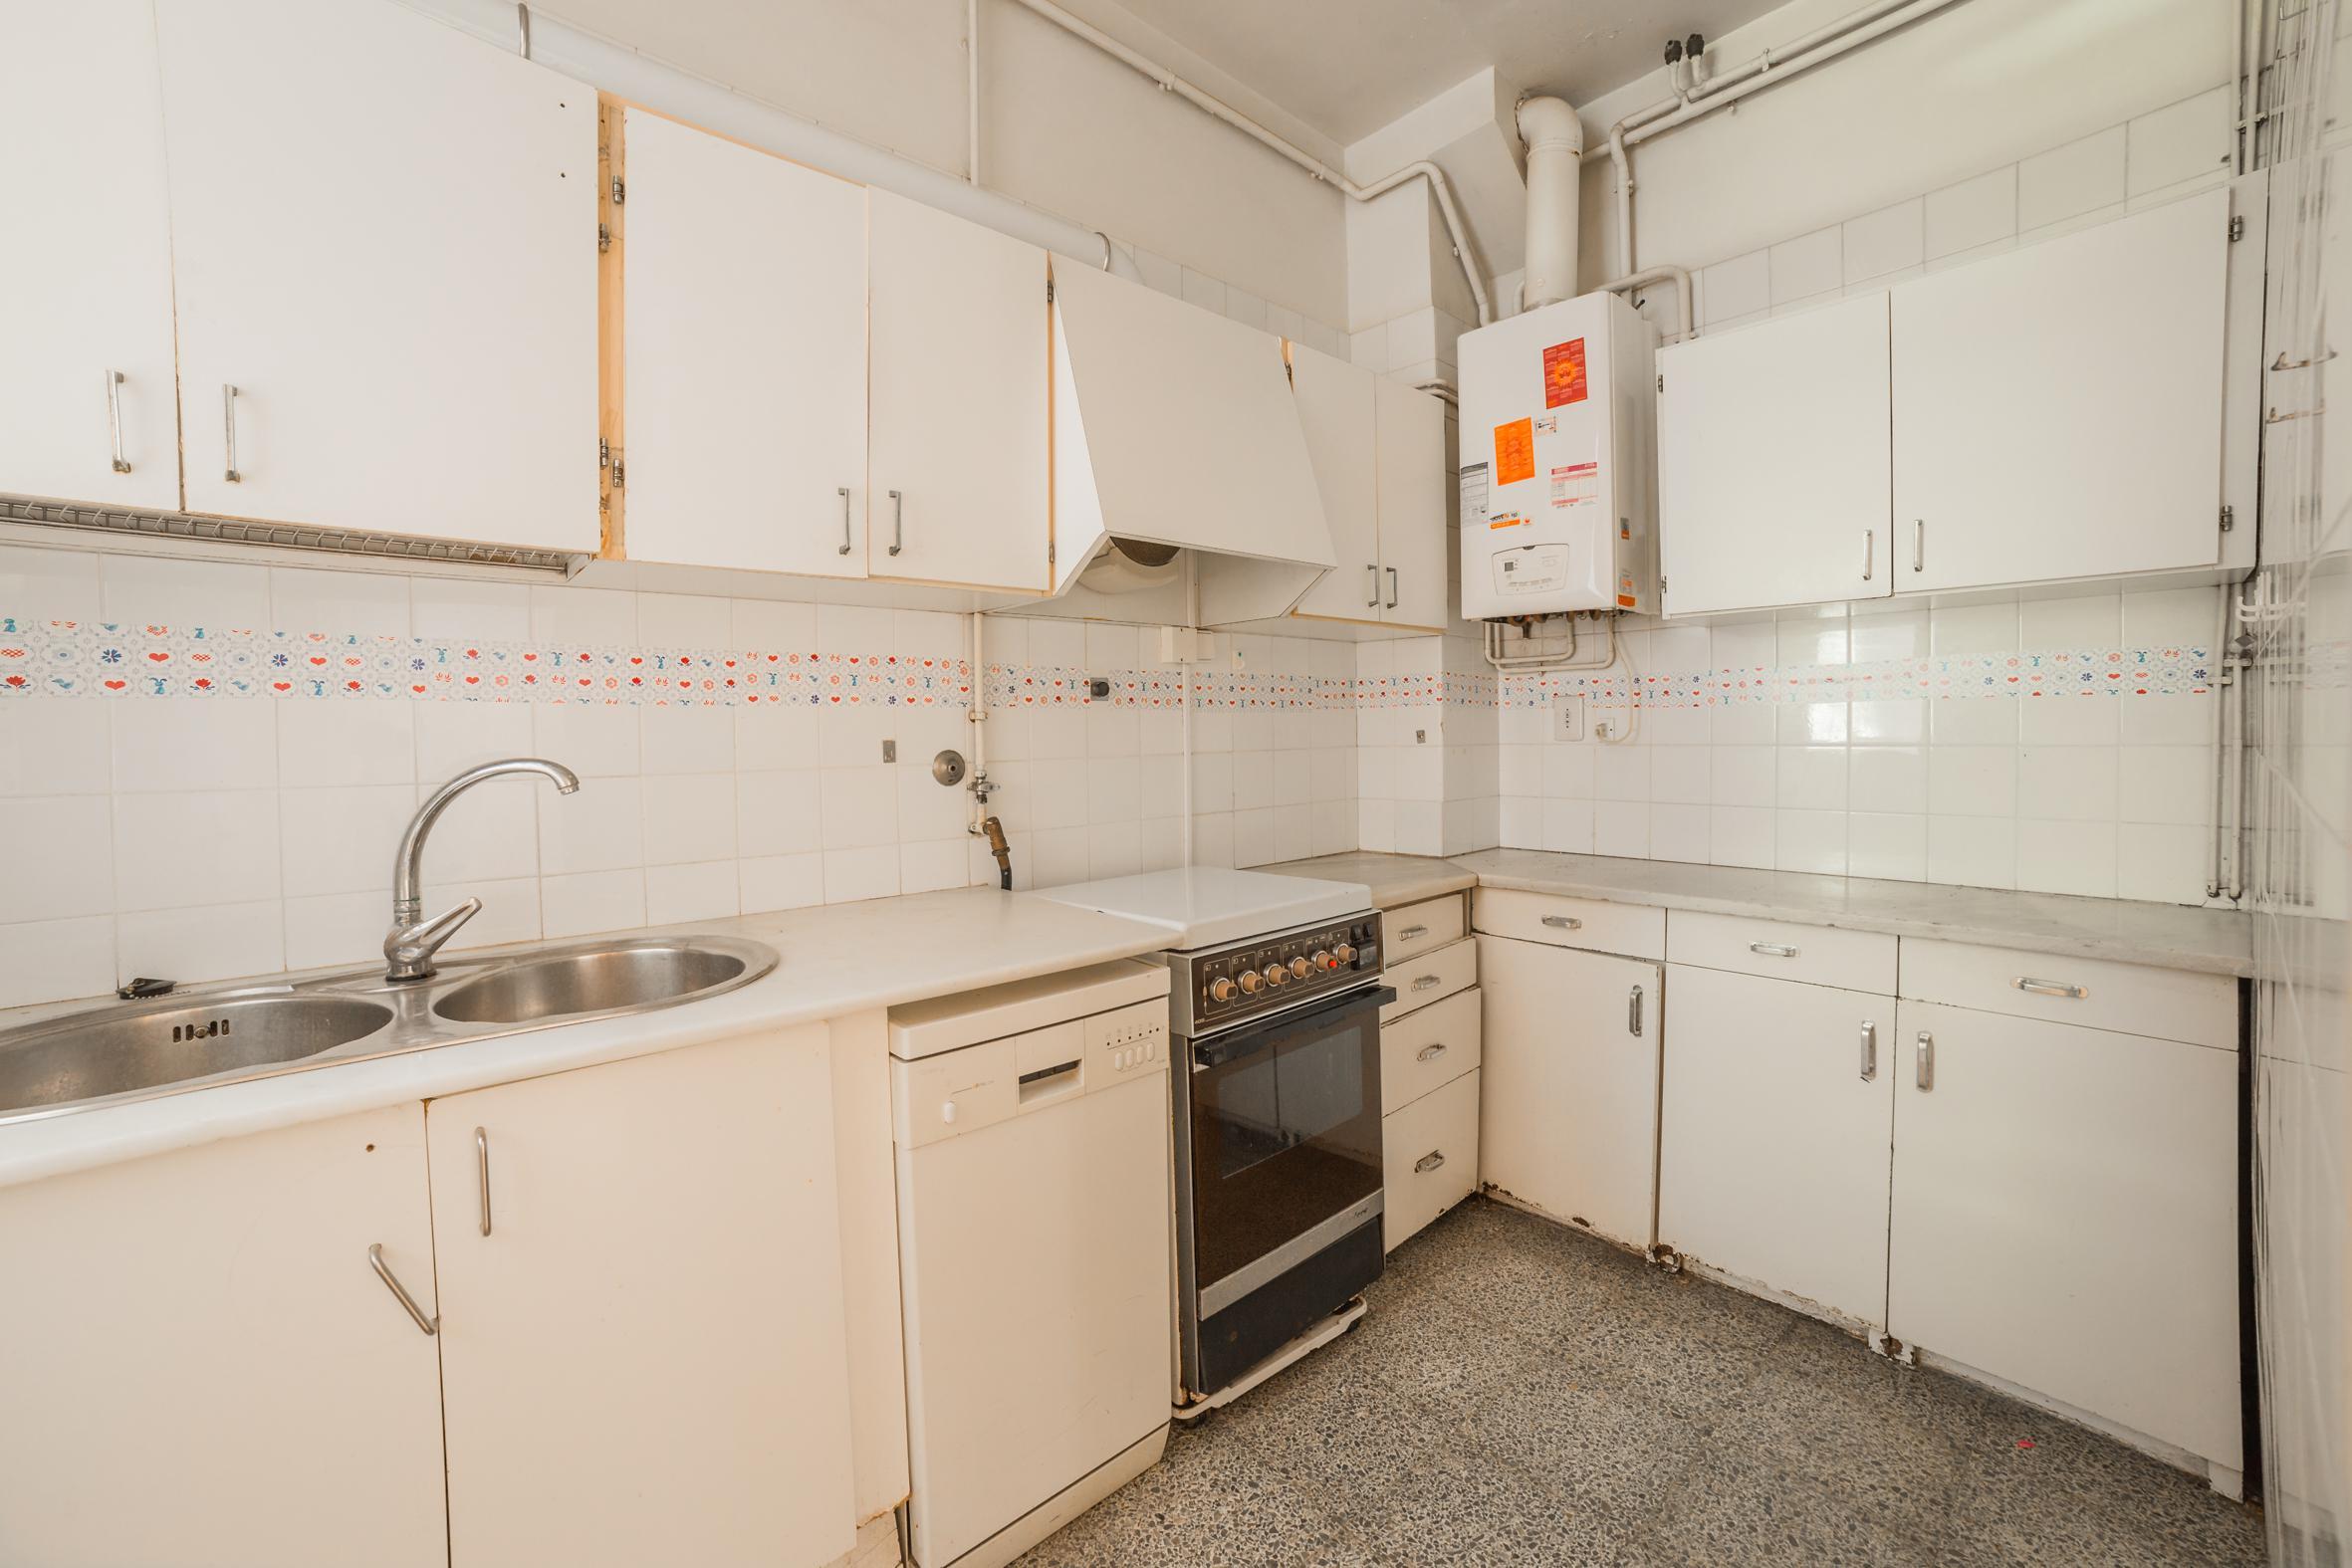 248664 Flat for sale in Eixample, Antiga Esquerre Eixample 21